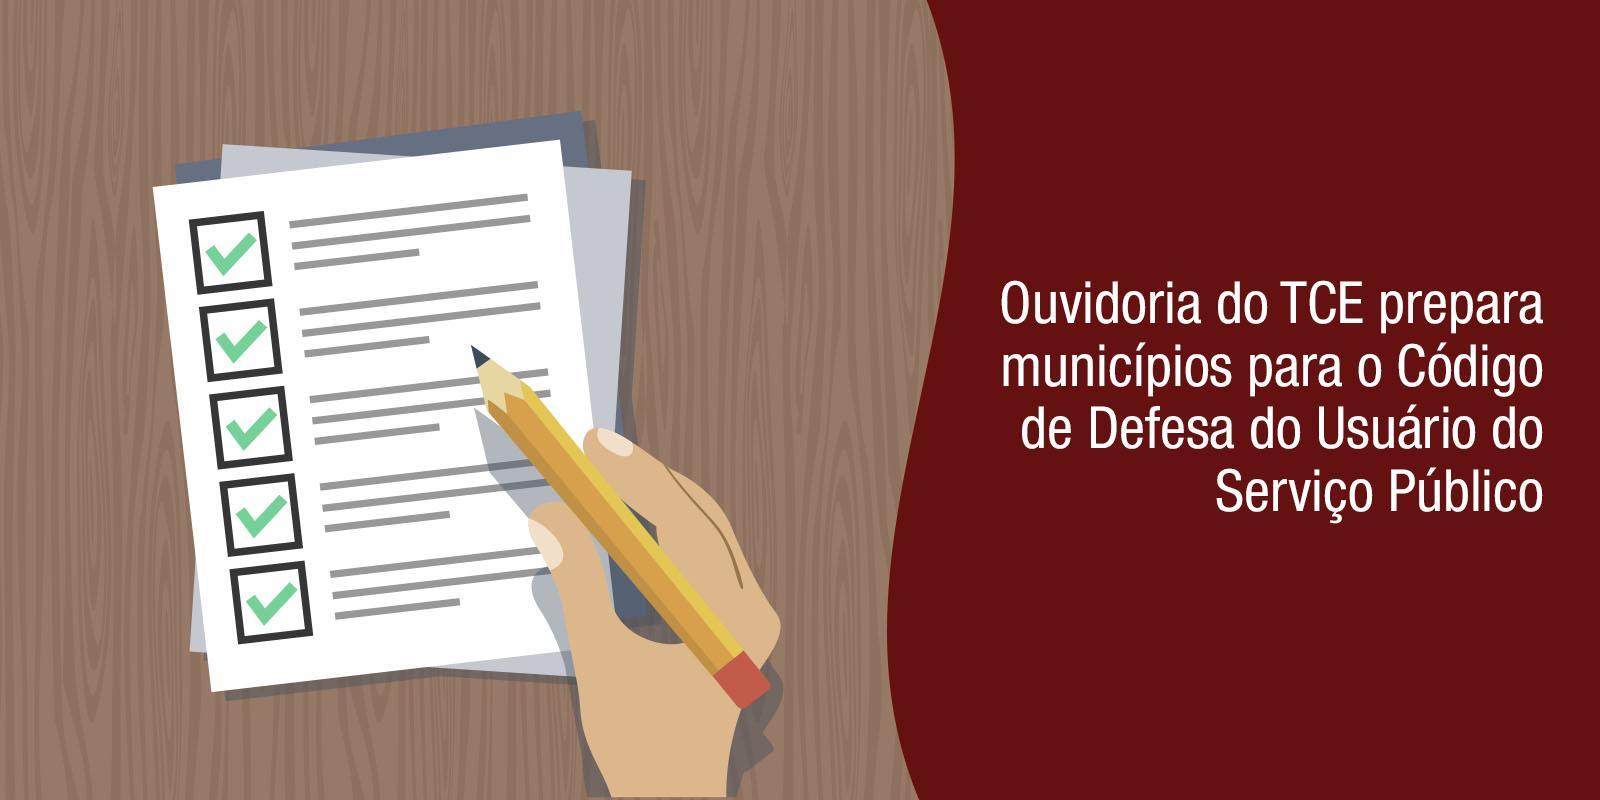 Ouvidoria do TCE prepara municípios para o Código de Defesa do Usuário do Serviço Público